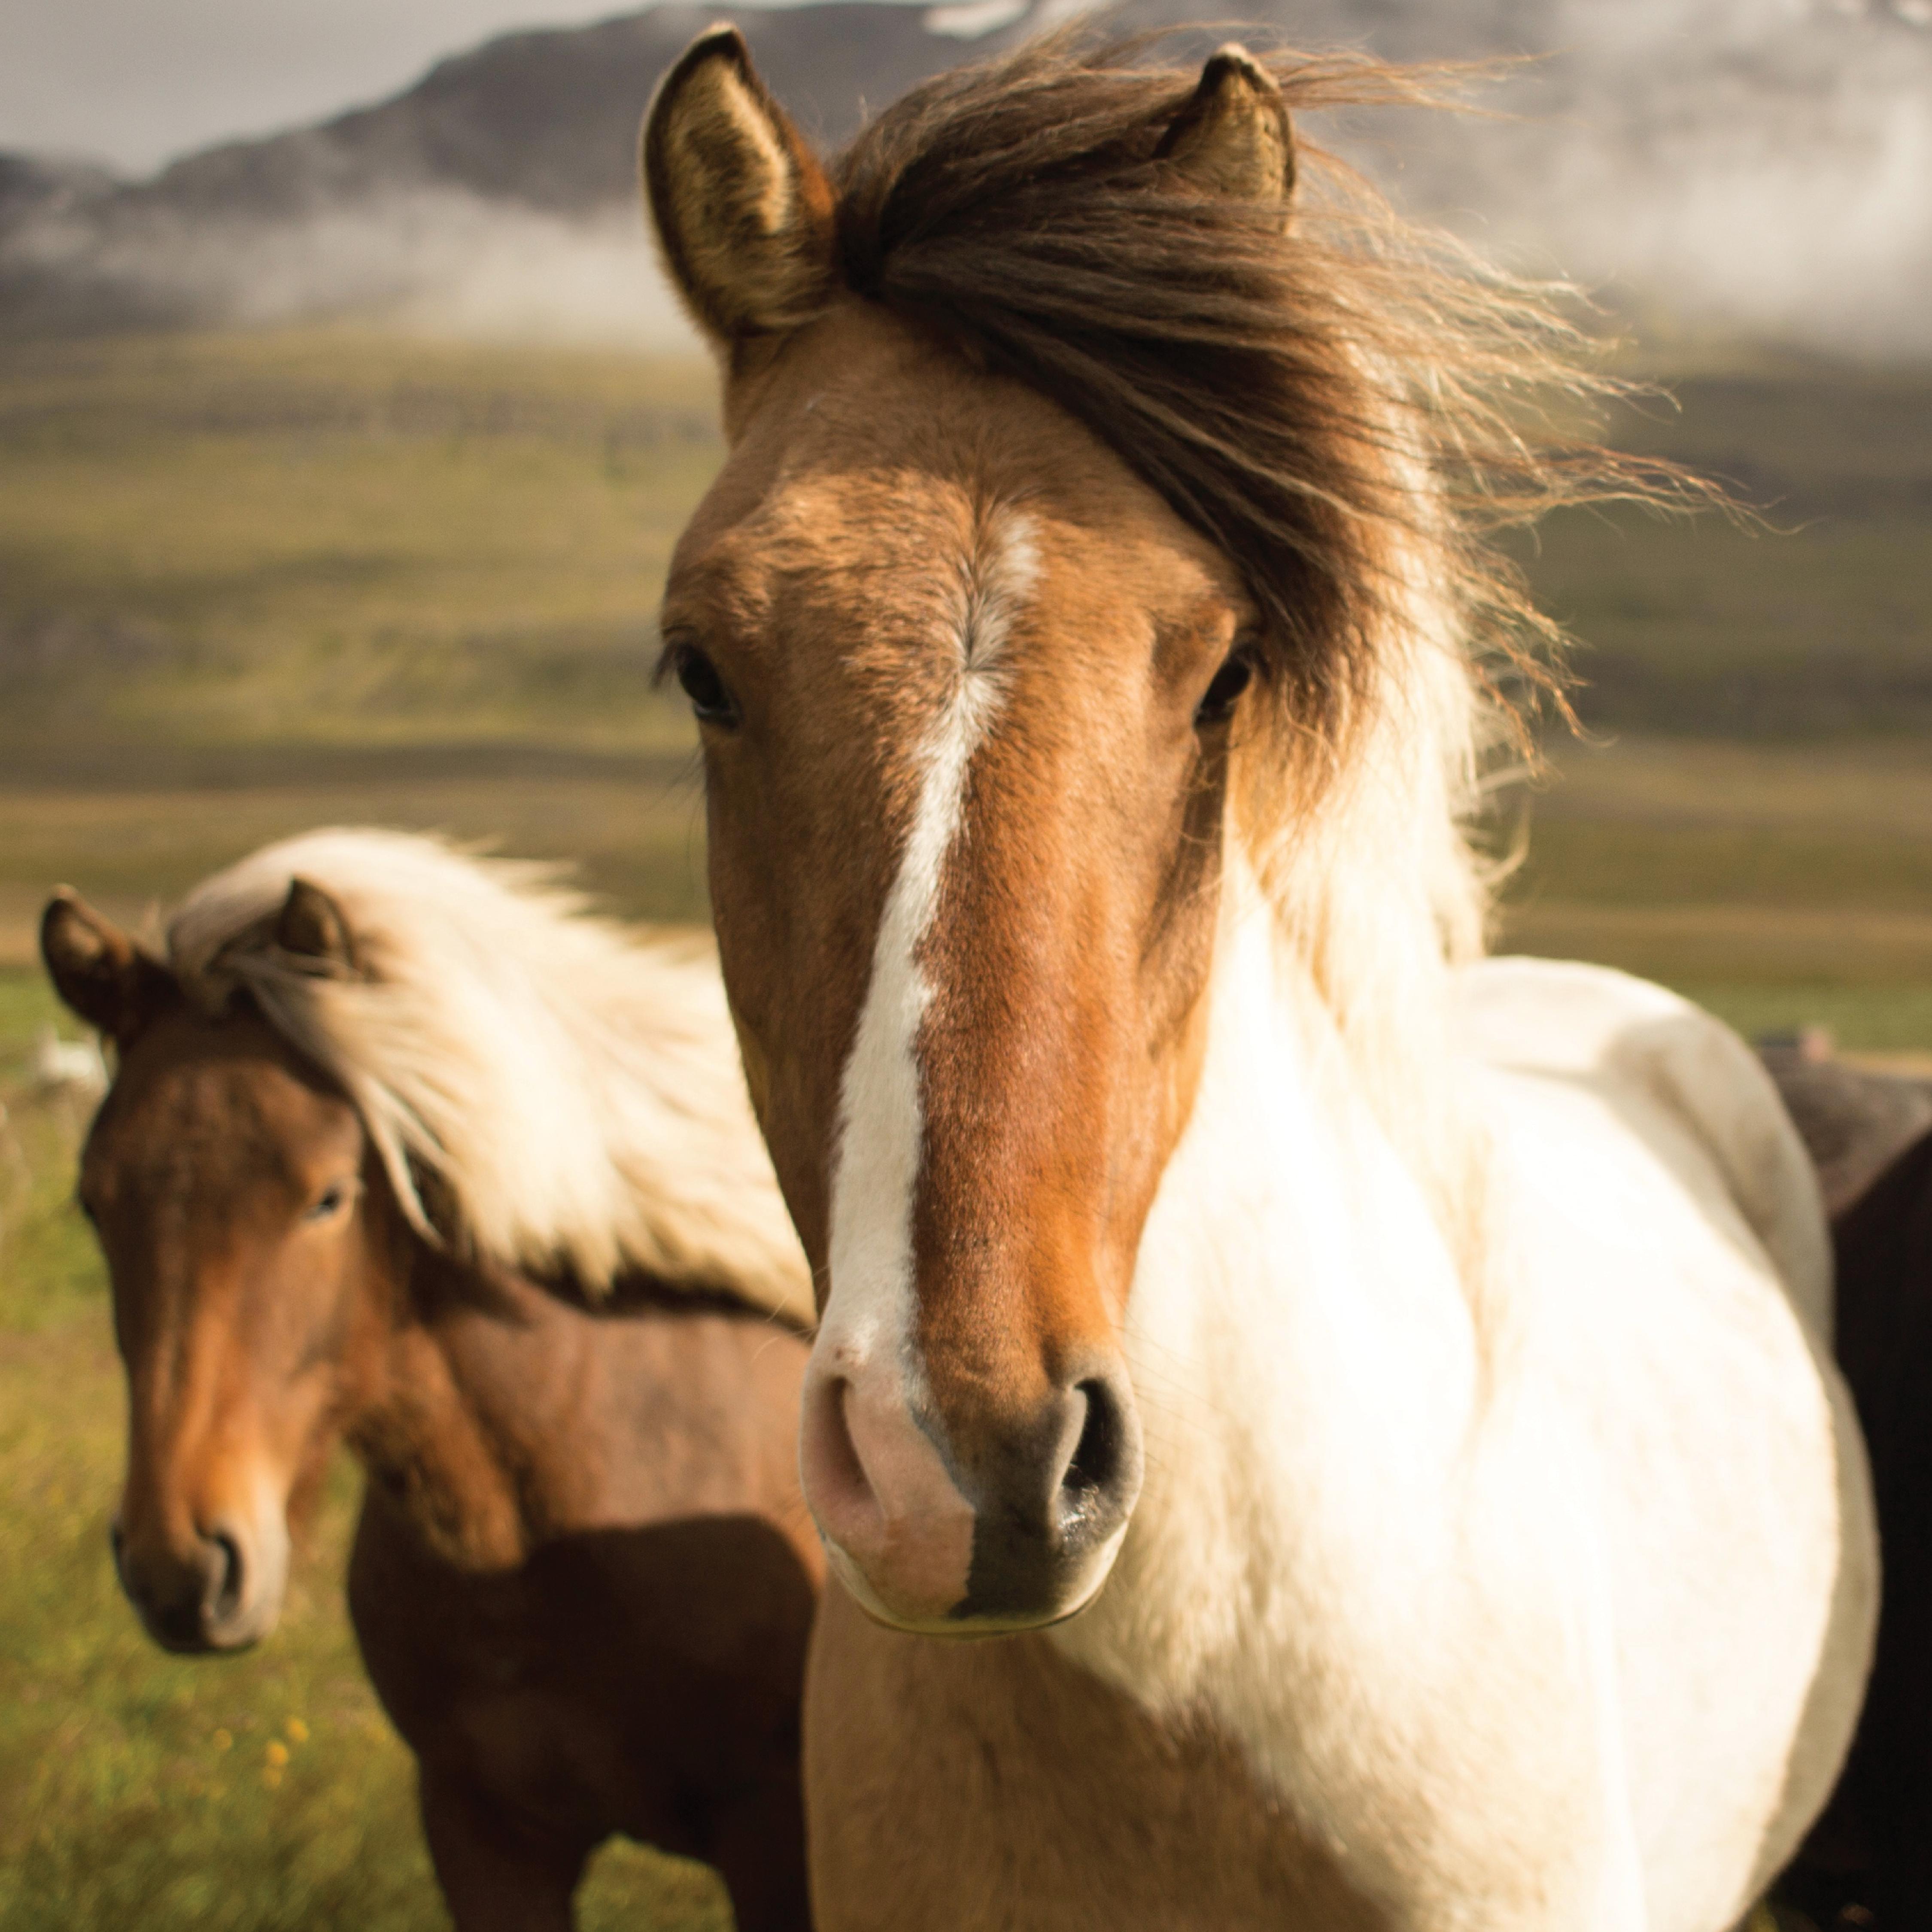 Best Wallpaper Horse Samsung Galaxy - f44f79fb42b52440390867445b2326b8  Pic_89374.png